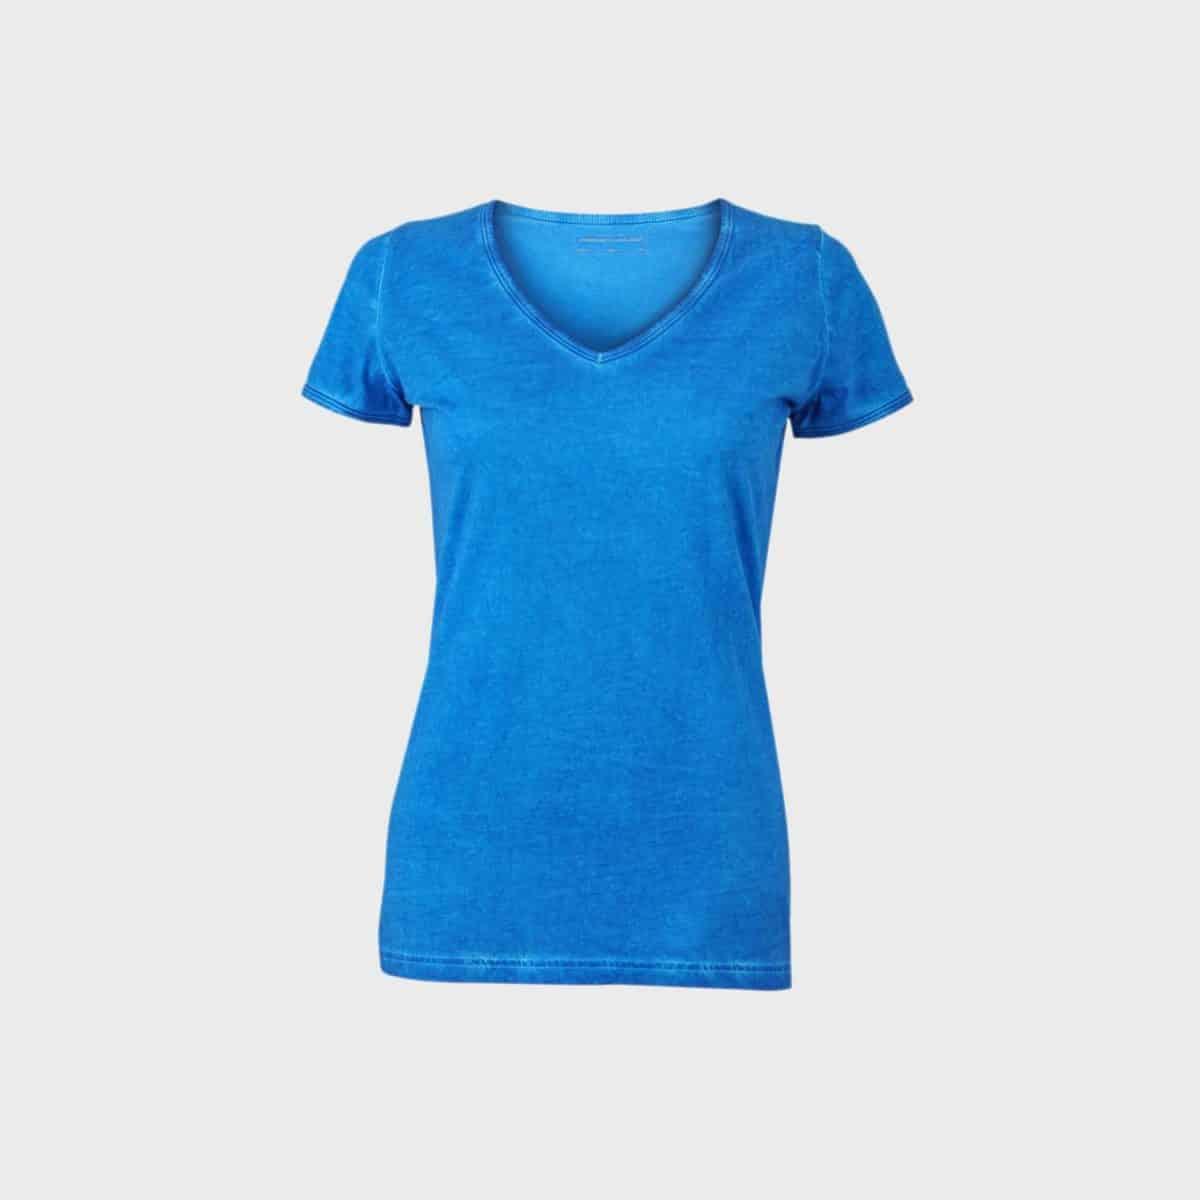 v-neck-gipsy-t-shirt-damen-kaufen-besticken_stickmanufaktur